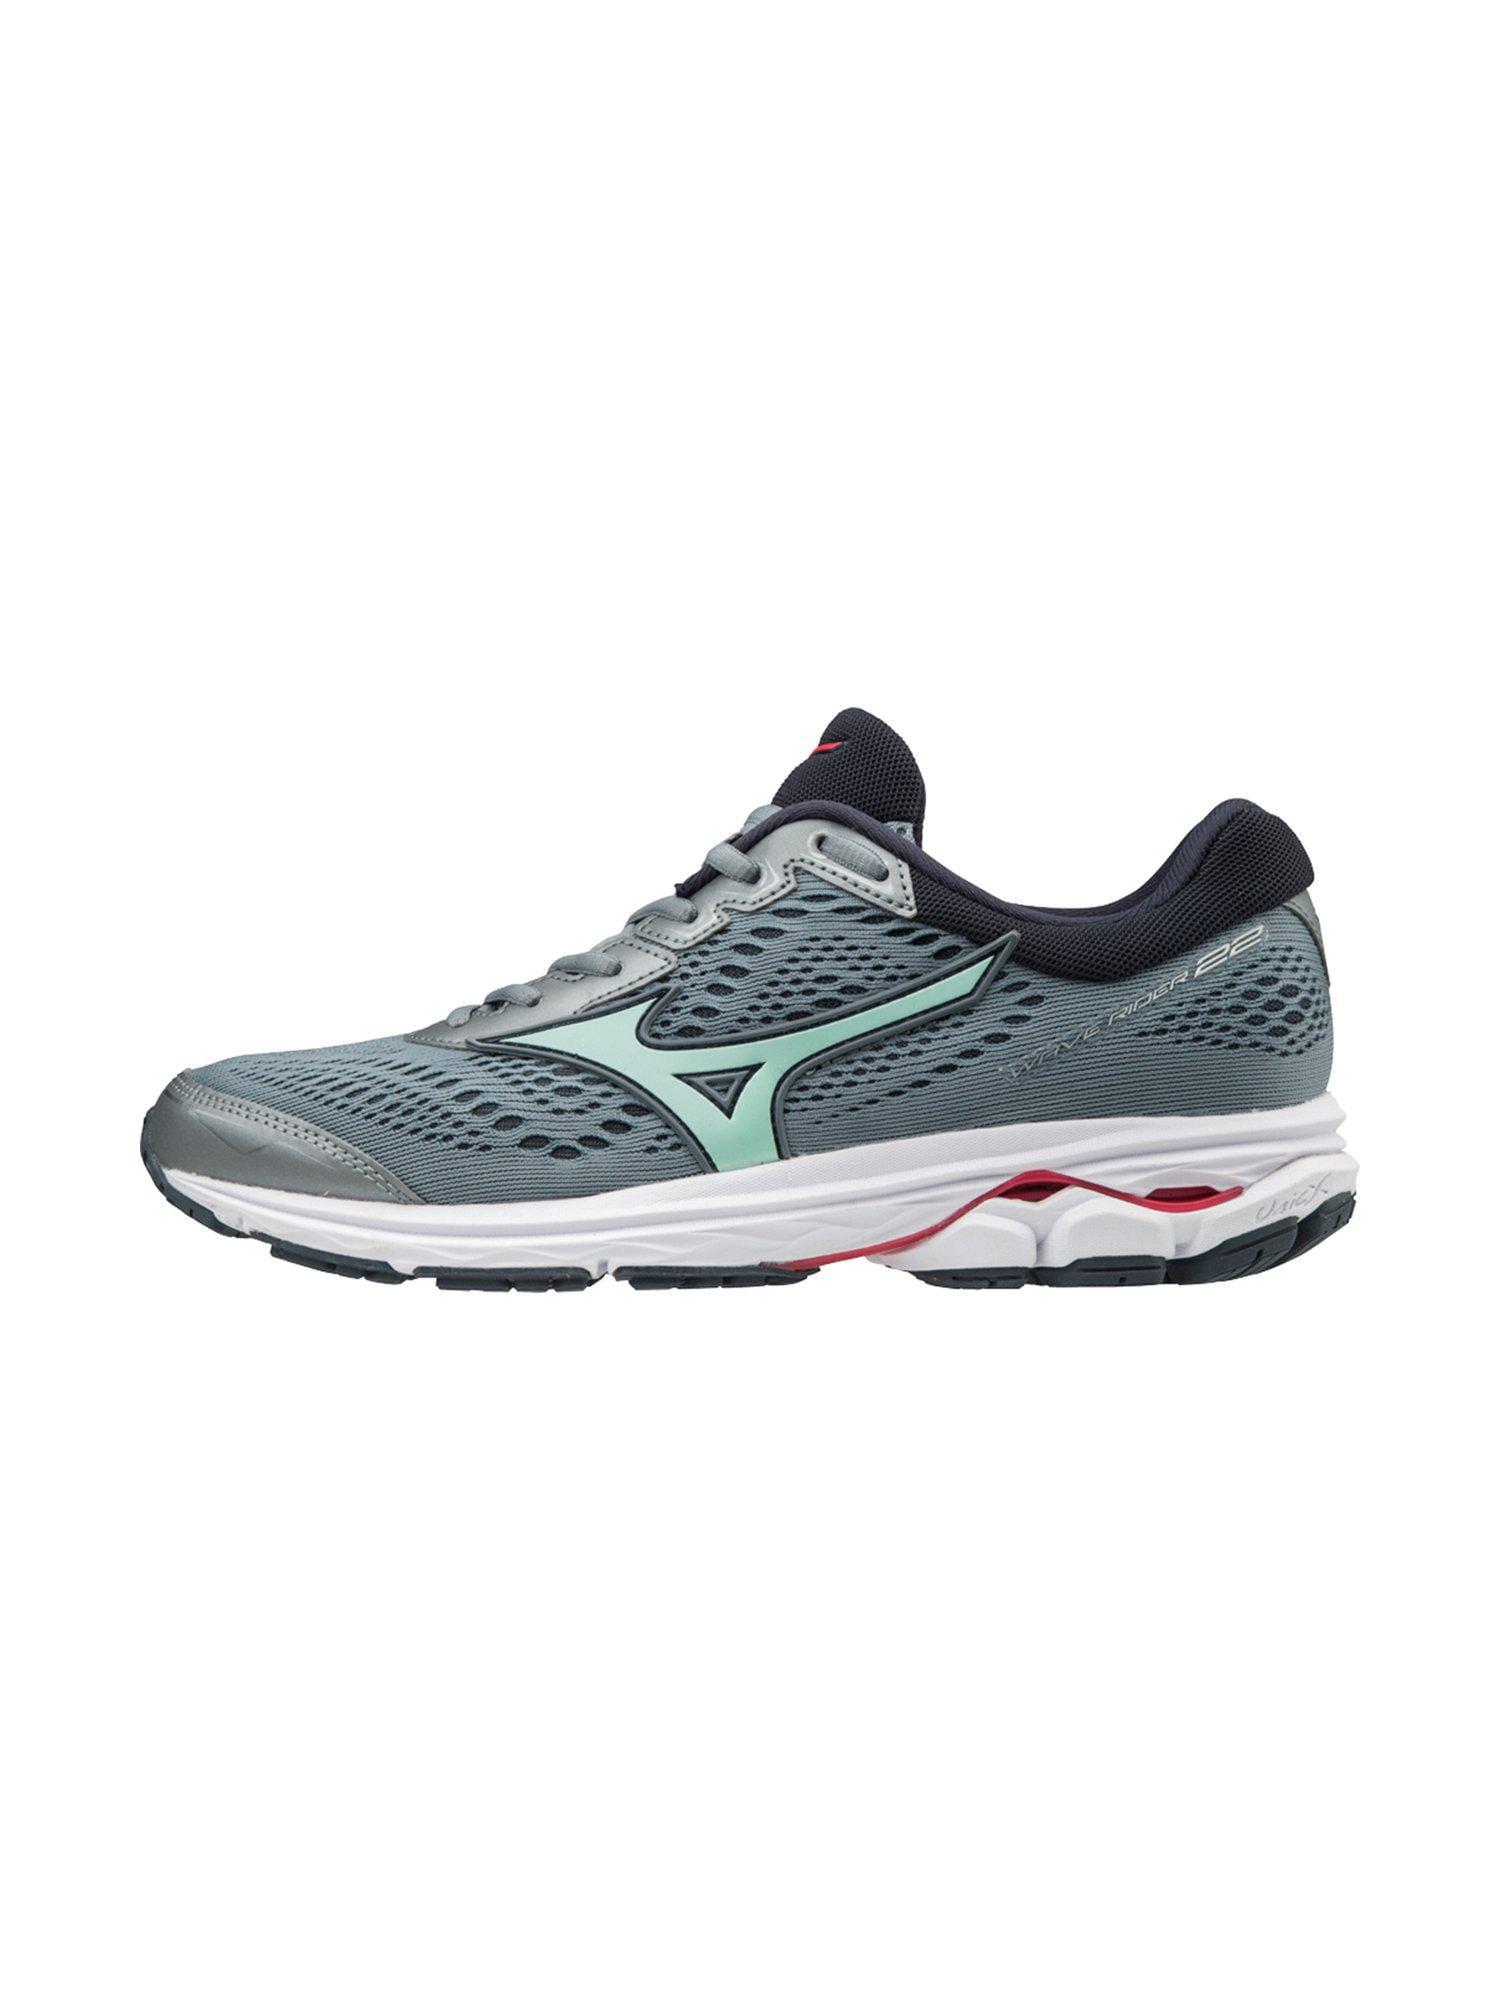 7528493e0a72 mizuno womens running shoes - women's wave rider 22 running shoe - 410990